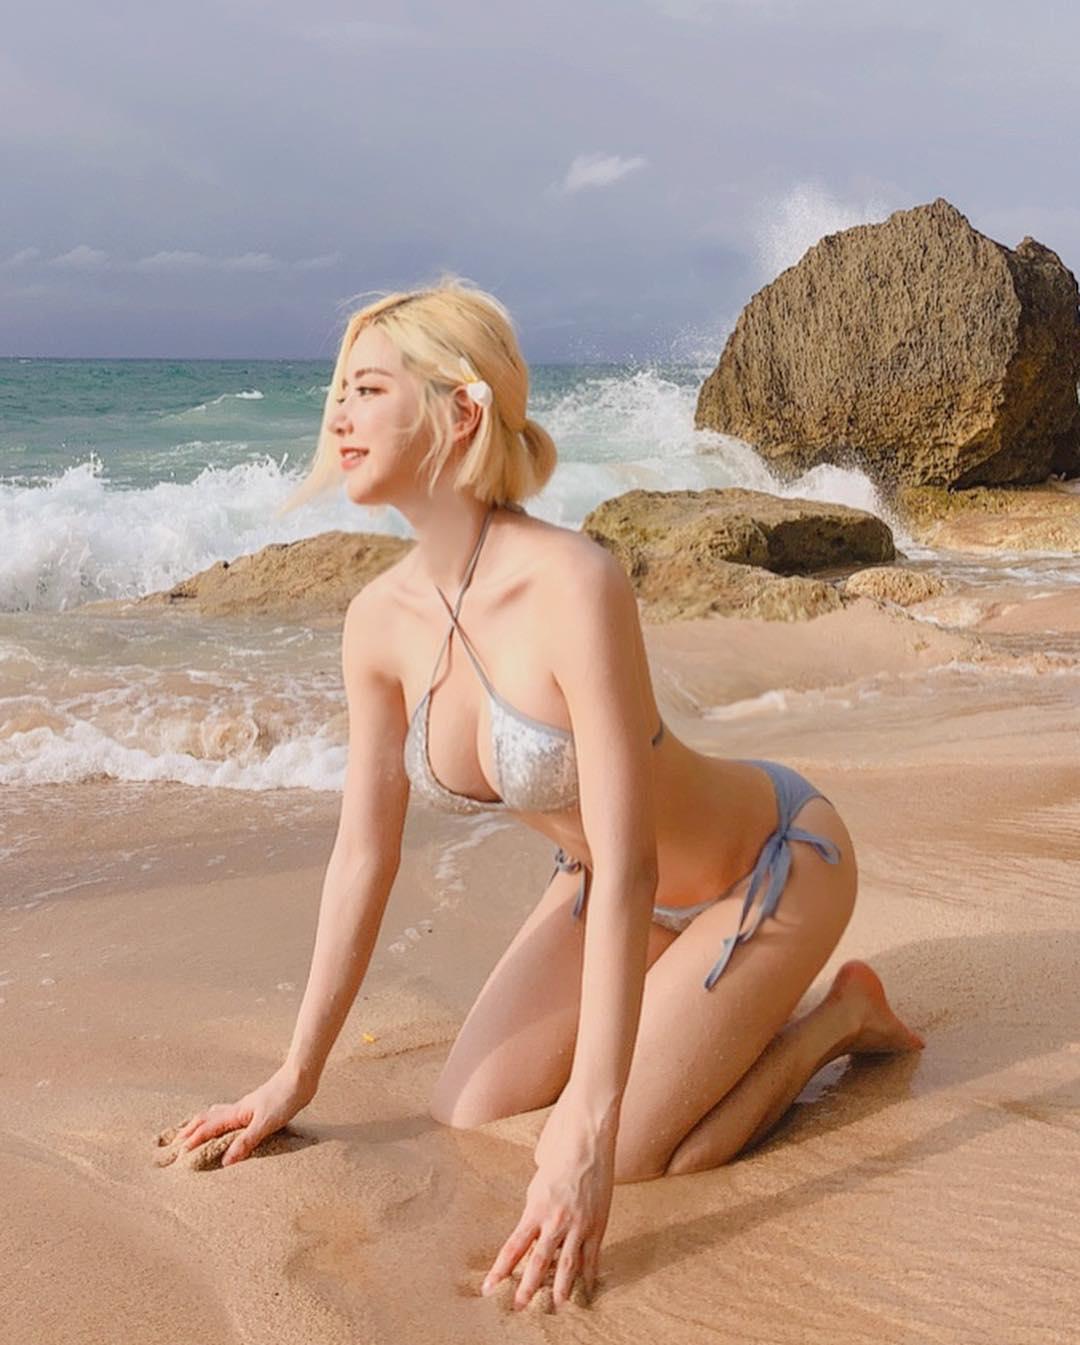 nữ dj xinh đẹp - soda tạo dáng sexy trên bãi biển